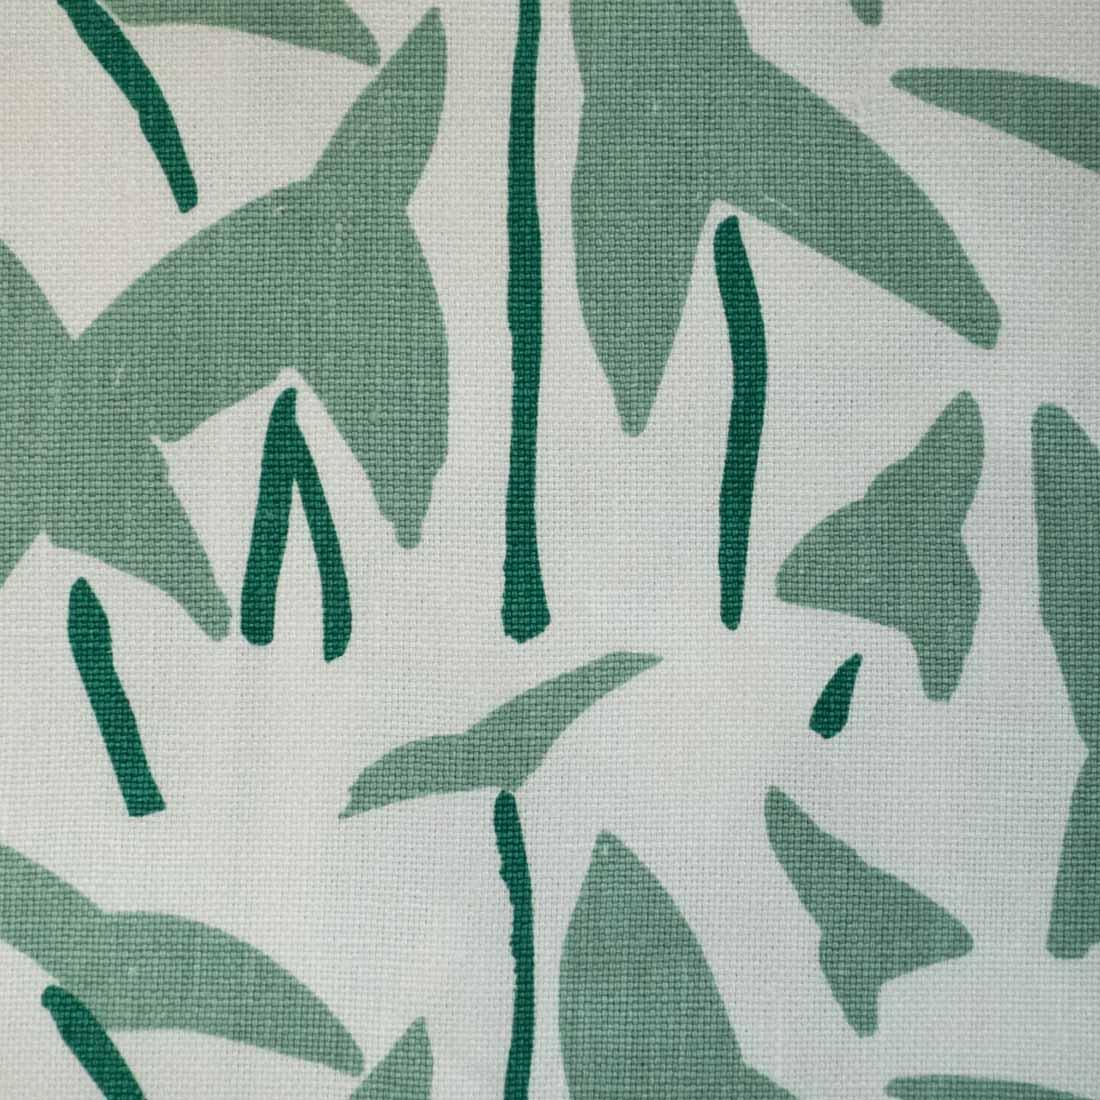 Arrowheads in Seafoam Green & Jade